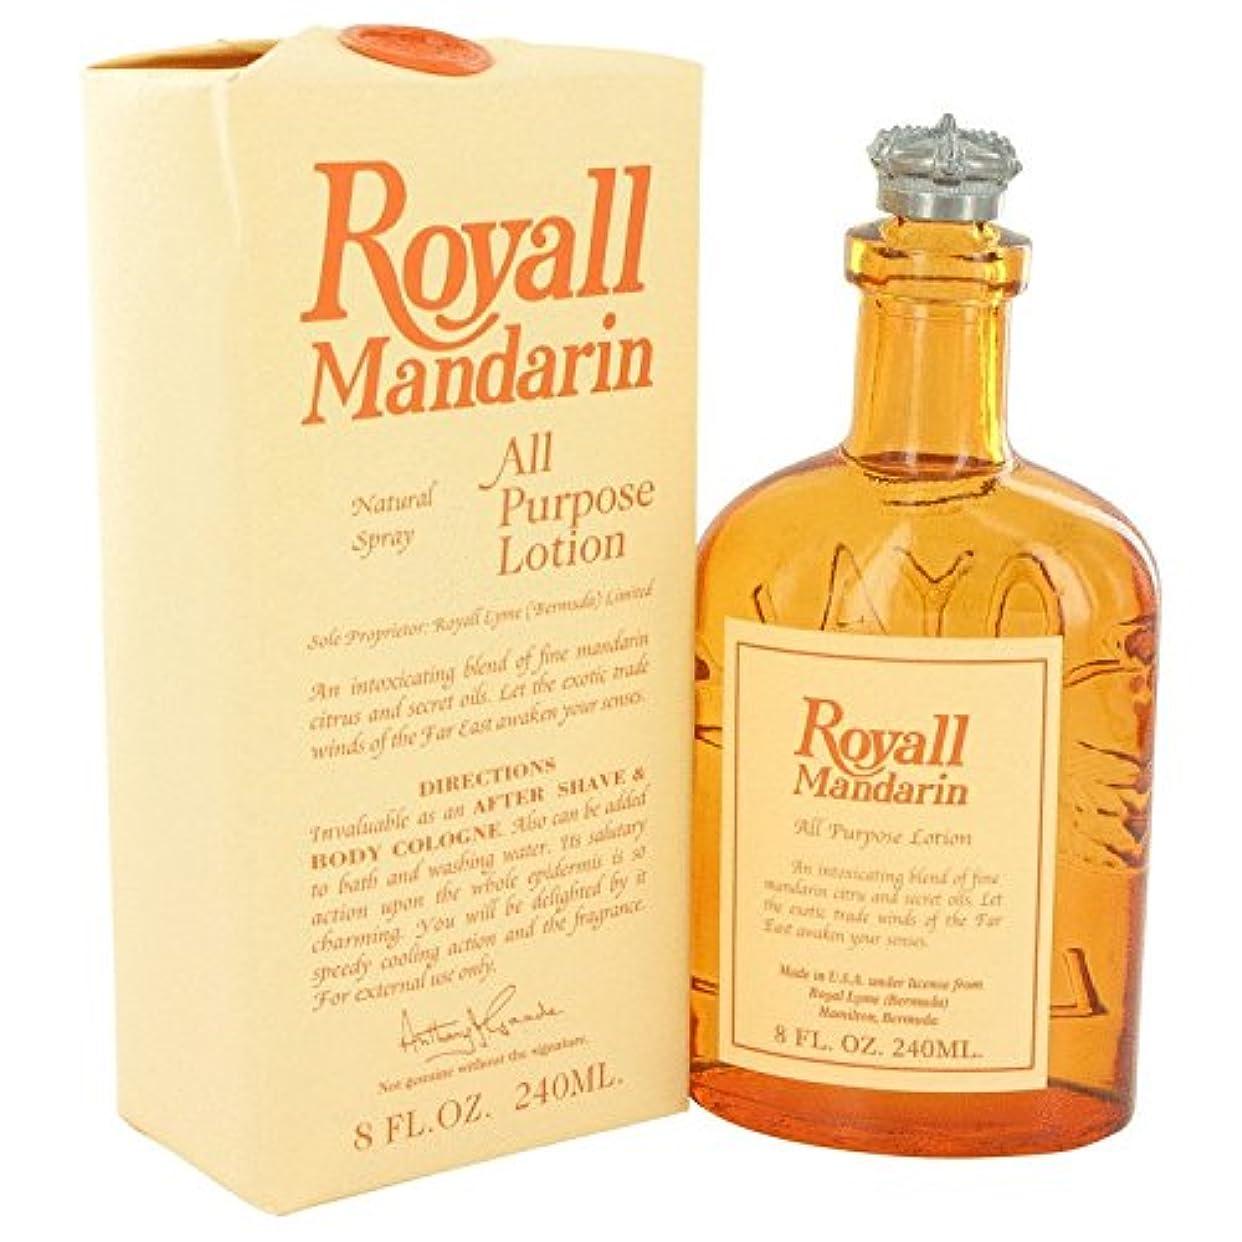 芸術的お客様経過Royall Lyme - Mandarin - All Purpose Lotion Spray - 240ml 8fl.oz